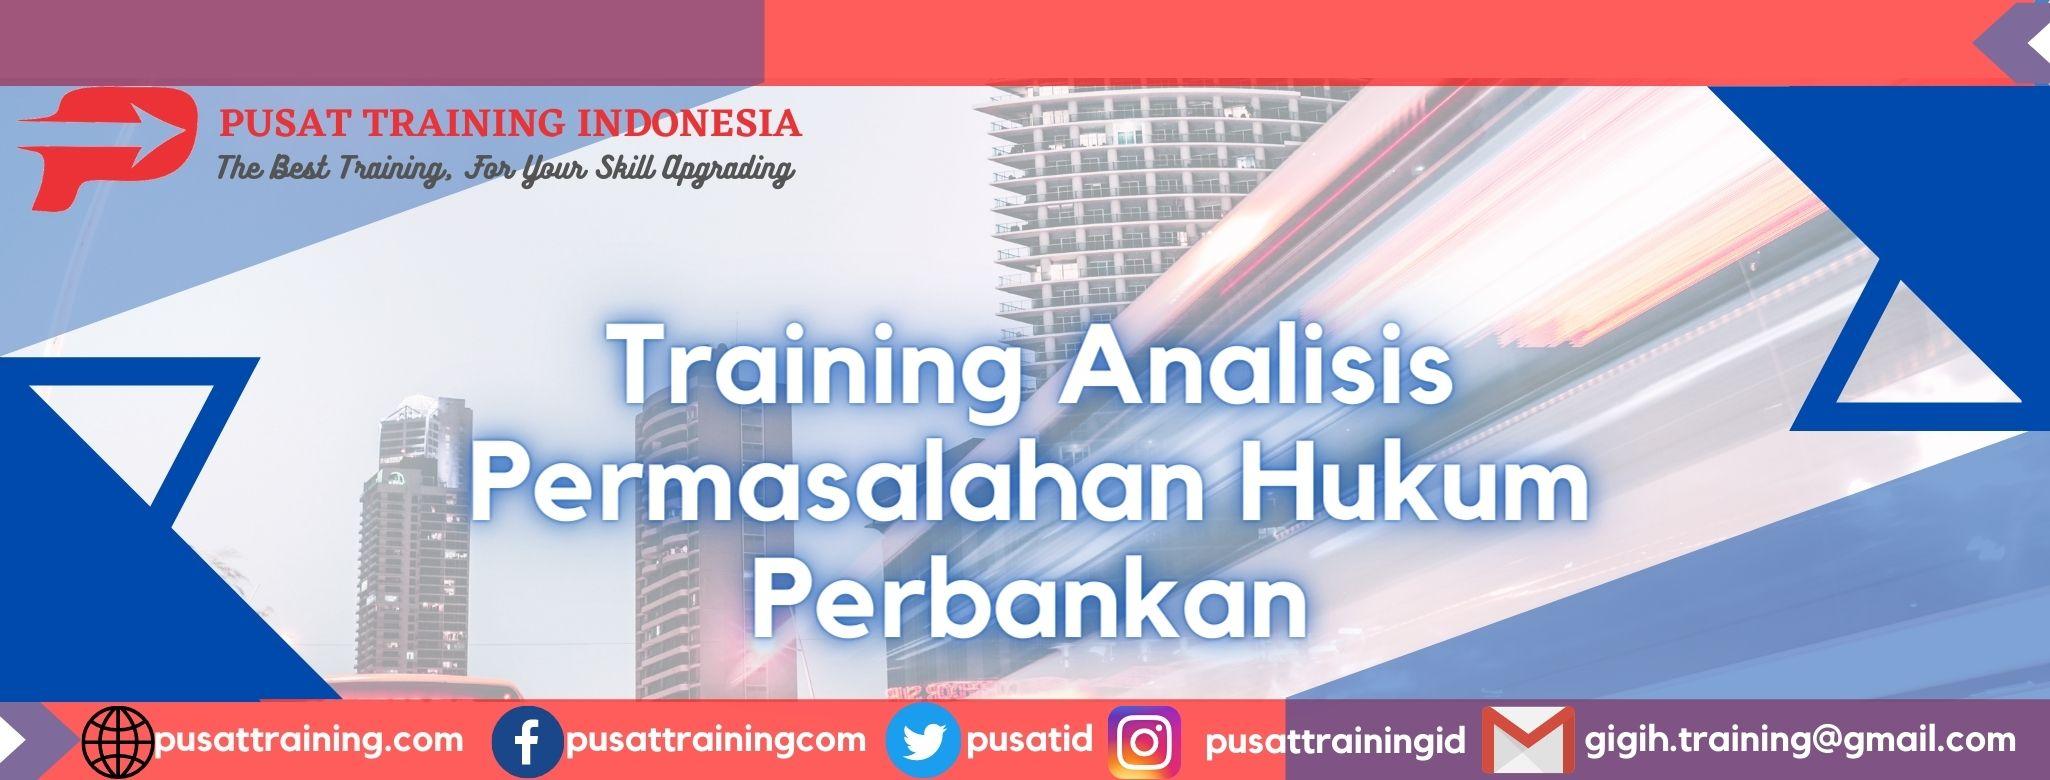 Training-Analisis-Permasalahan-Hukum-Perbankan